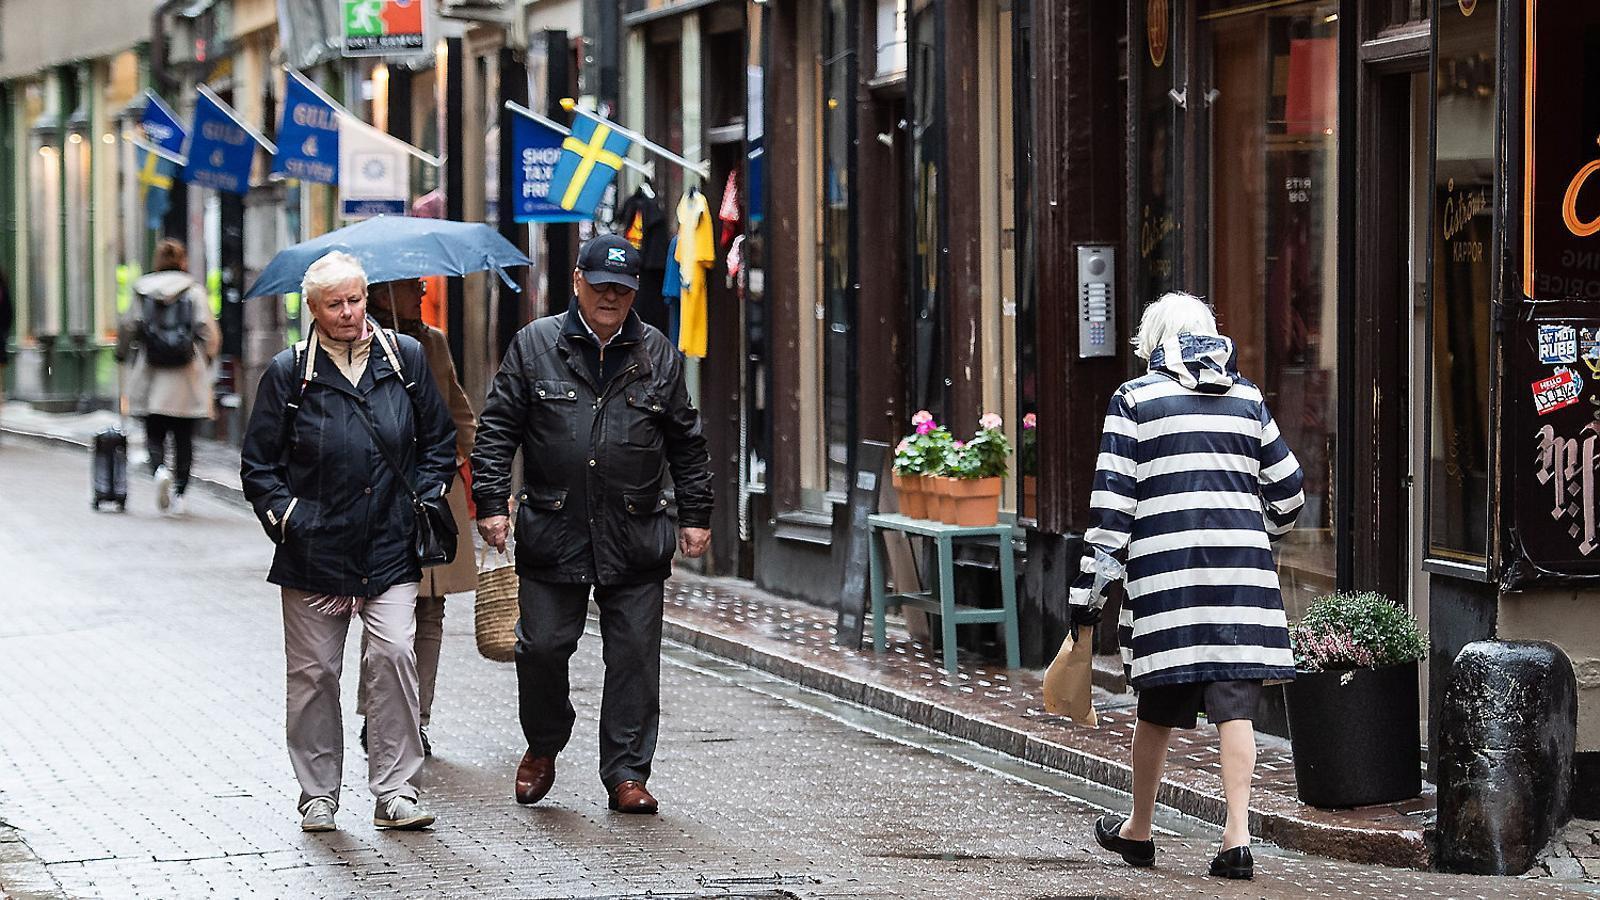 Un grup de gent gran passejant dijous pel centre històric d'Estocolm.